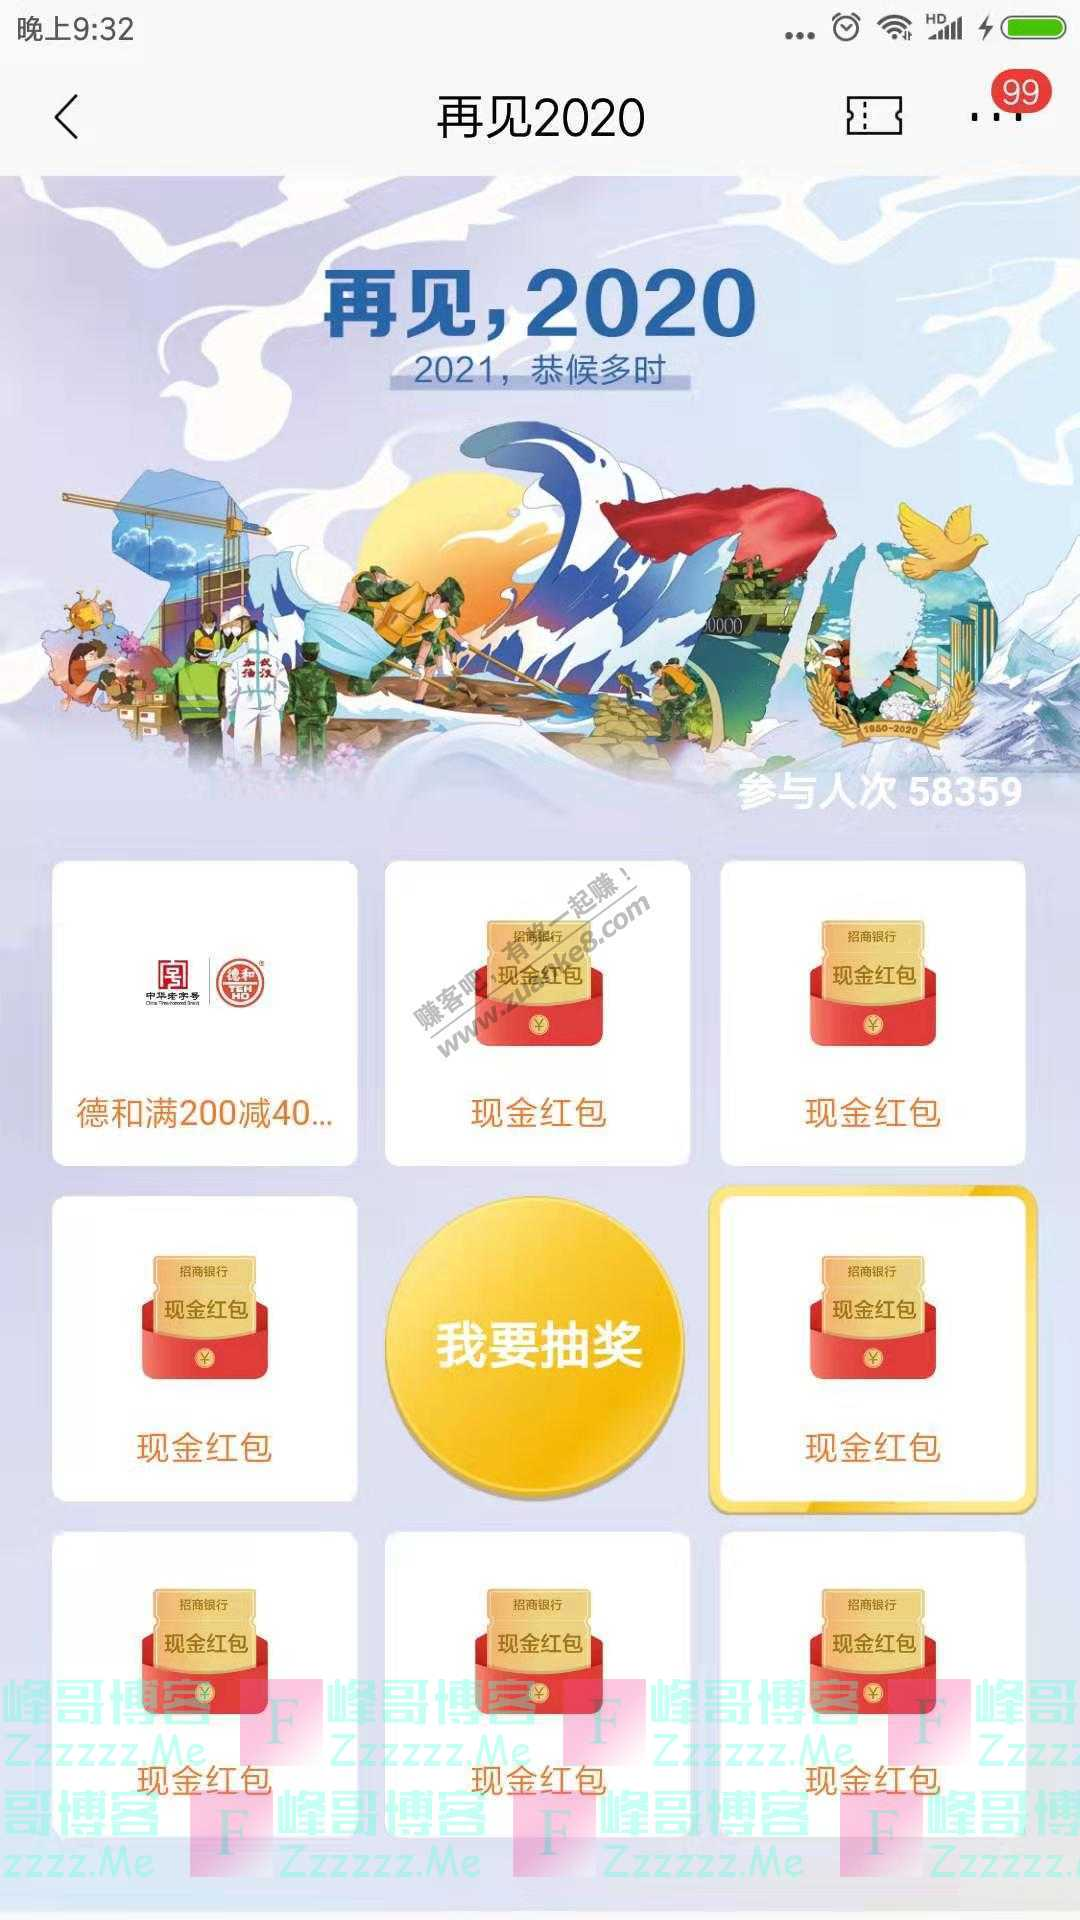 招商银行app再见,2020(截止12月31日)